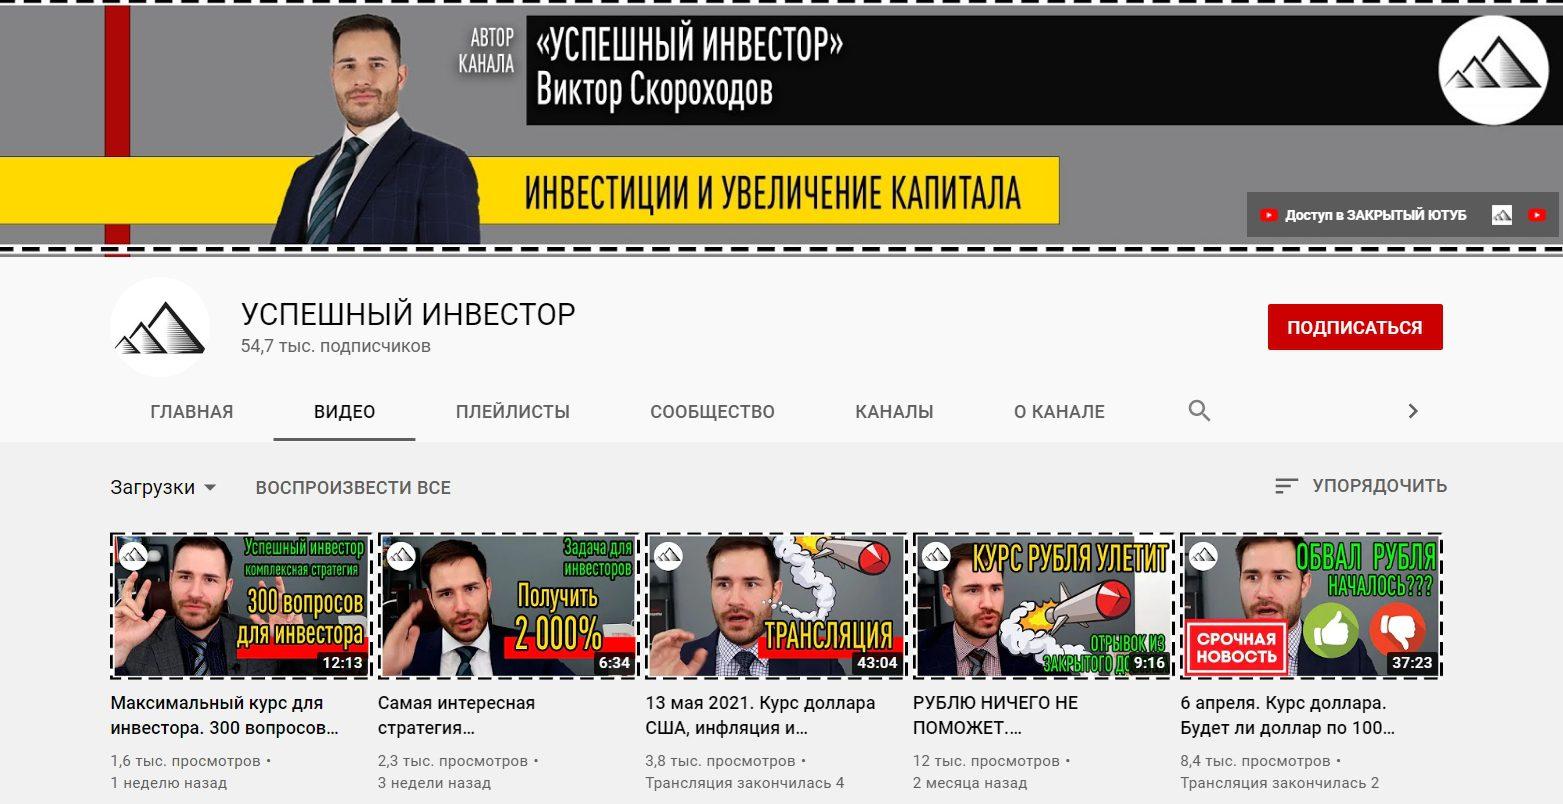 Ютуб канал Виктора Скороходова